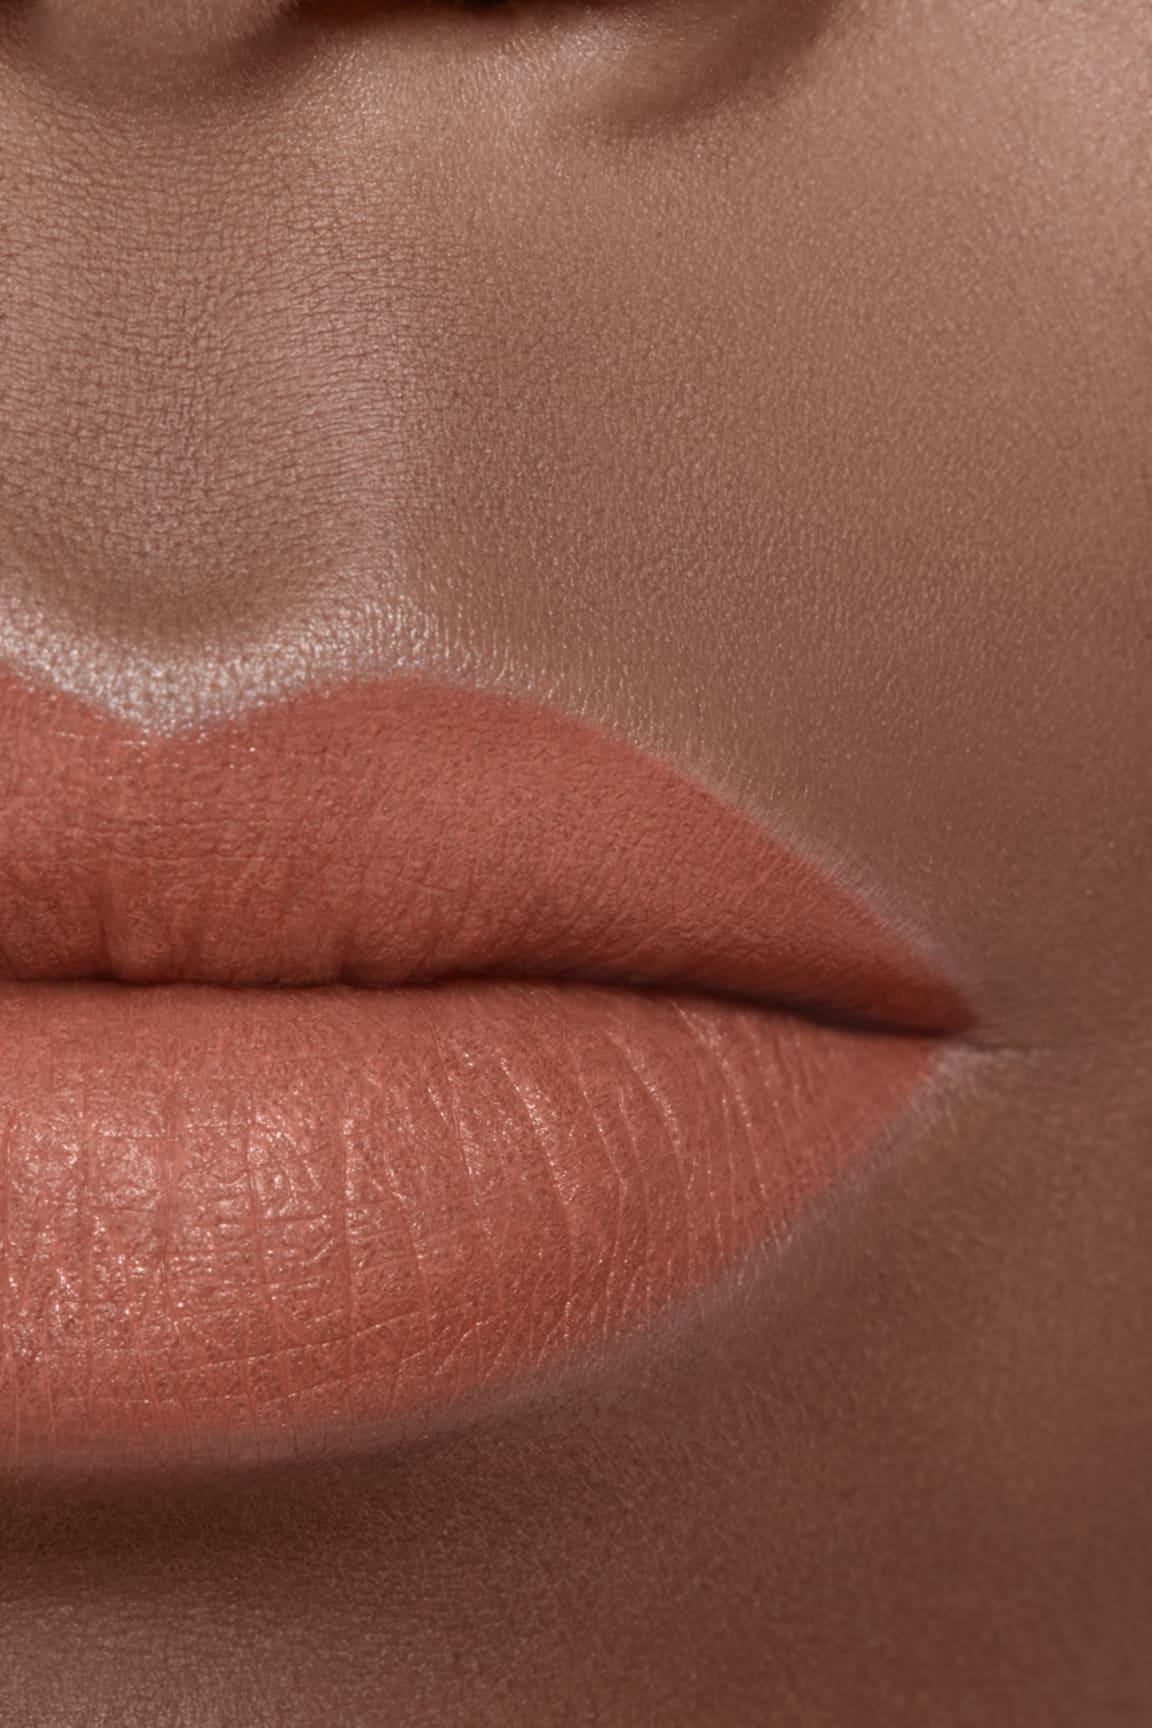 Application makeup visual 2 - ROUGE ALLURE VELVET LE LION DE CHANEL 227 - BEIGE RUGISSANT